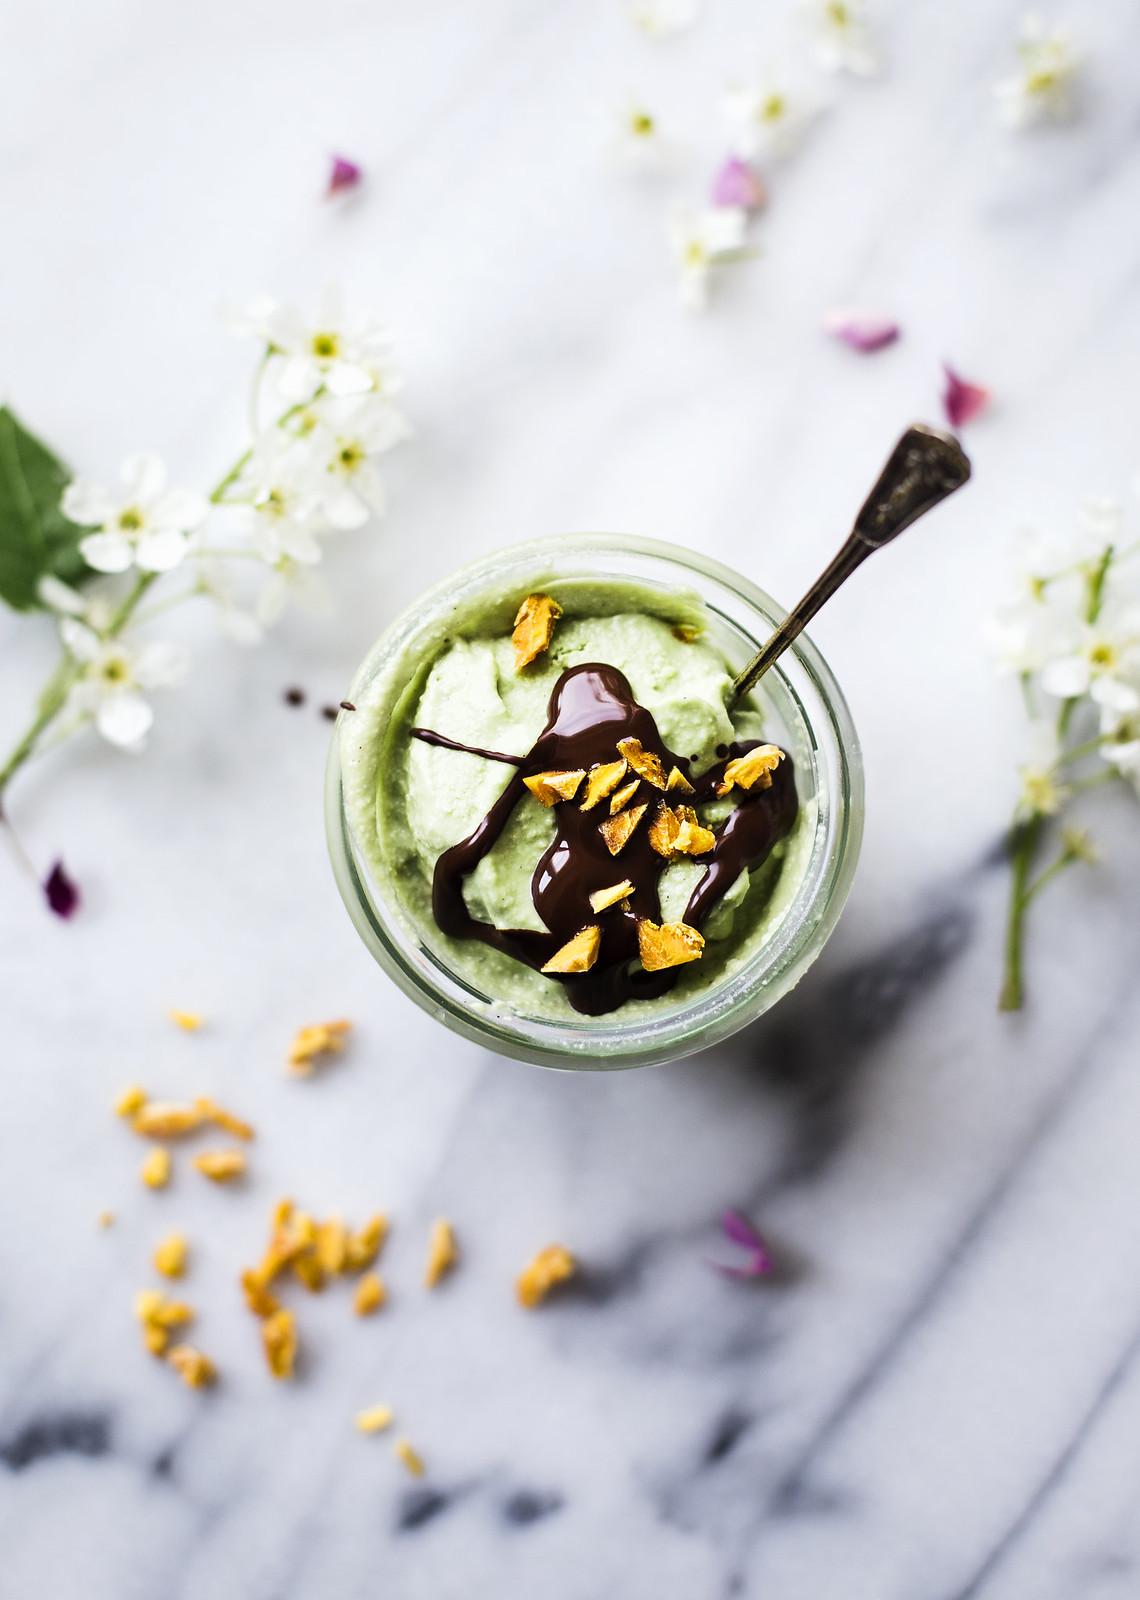 Cashewglass med matcha-te toppad med mörk choklad & mangoströssel - Evelinas Ekologiska